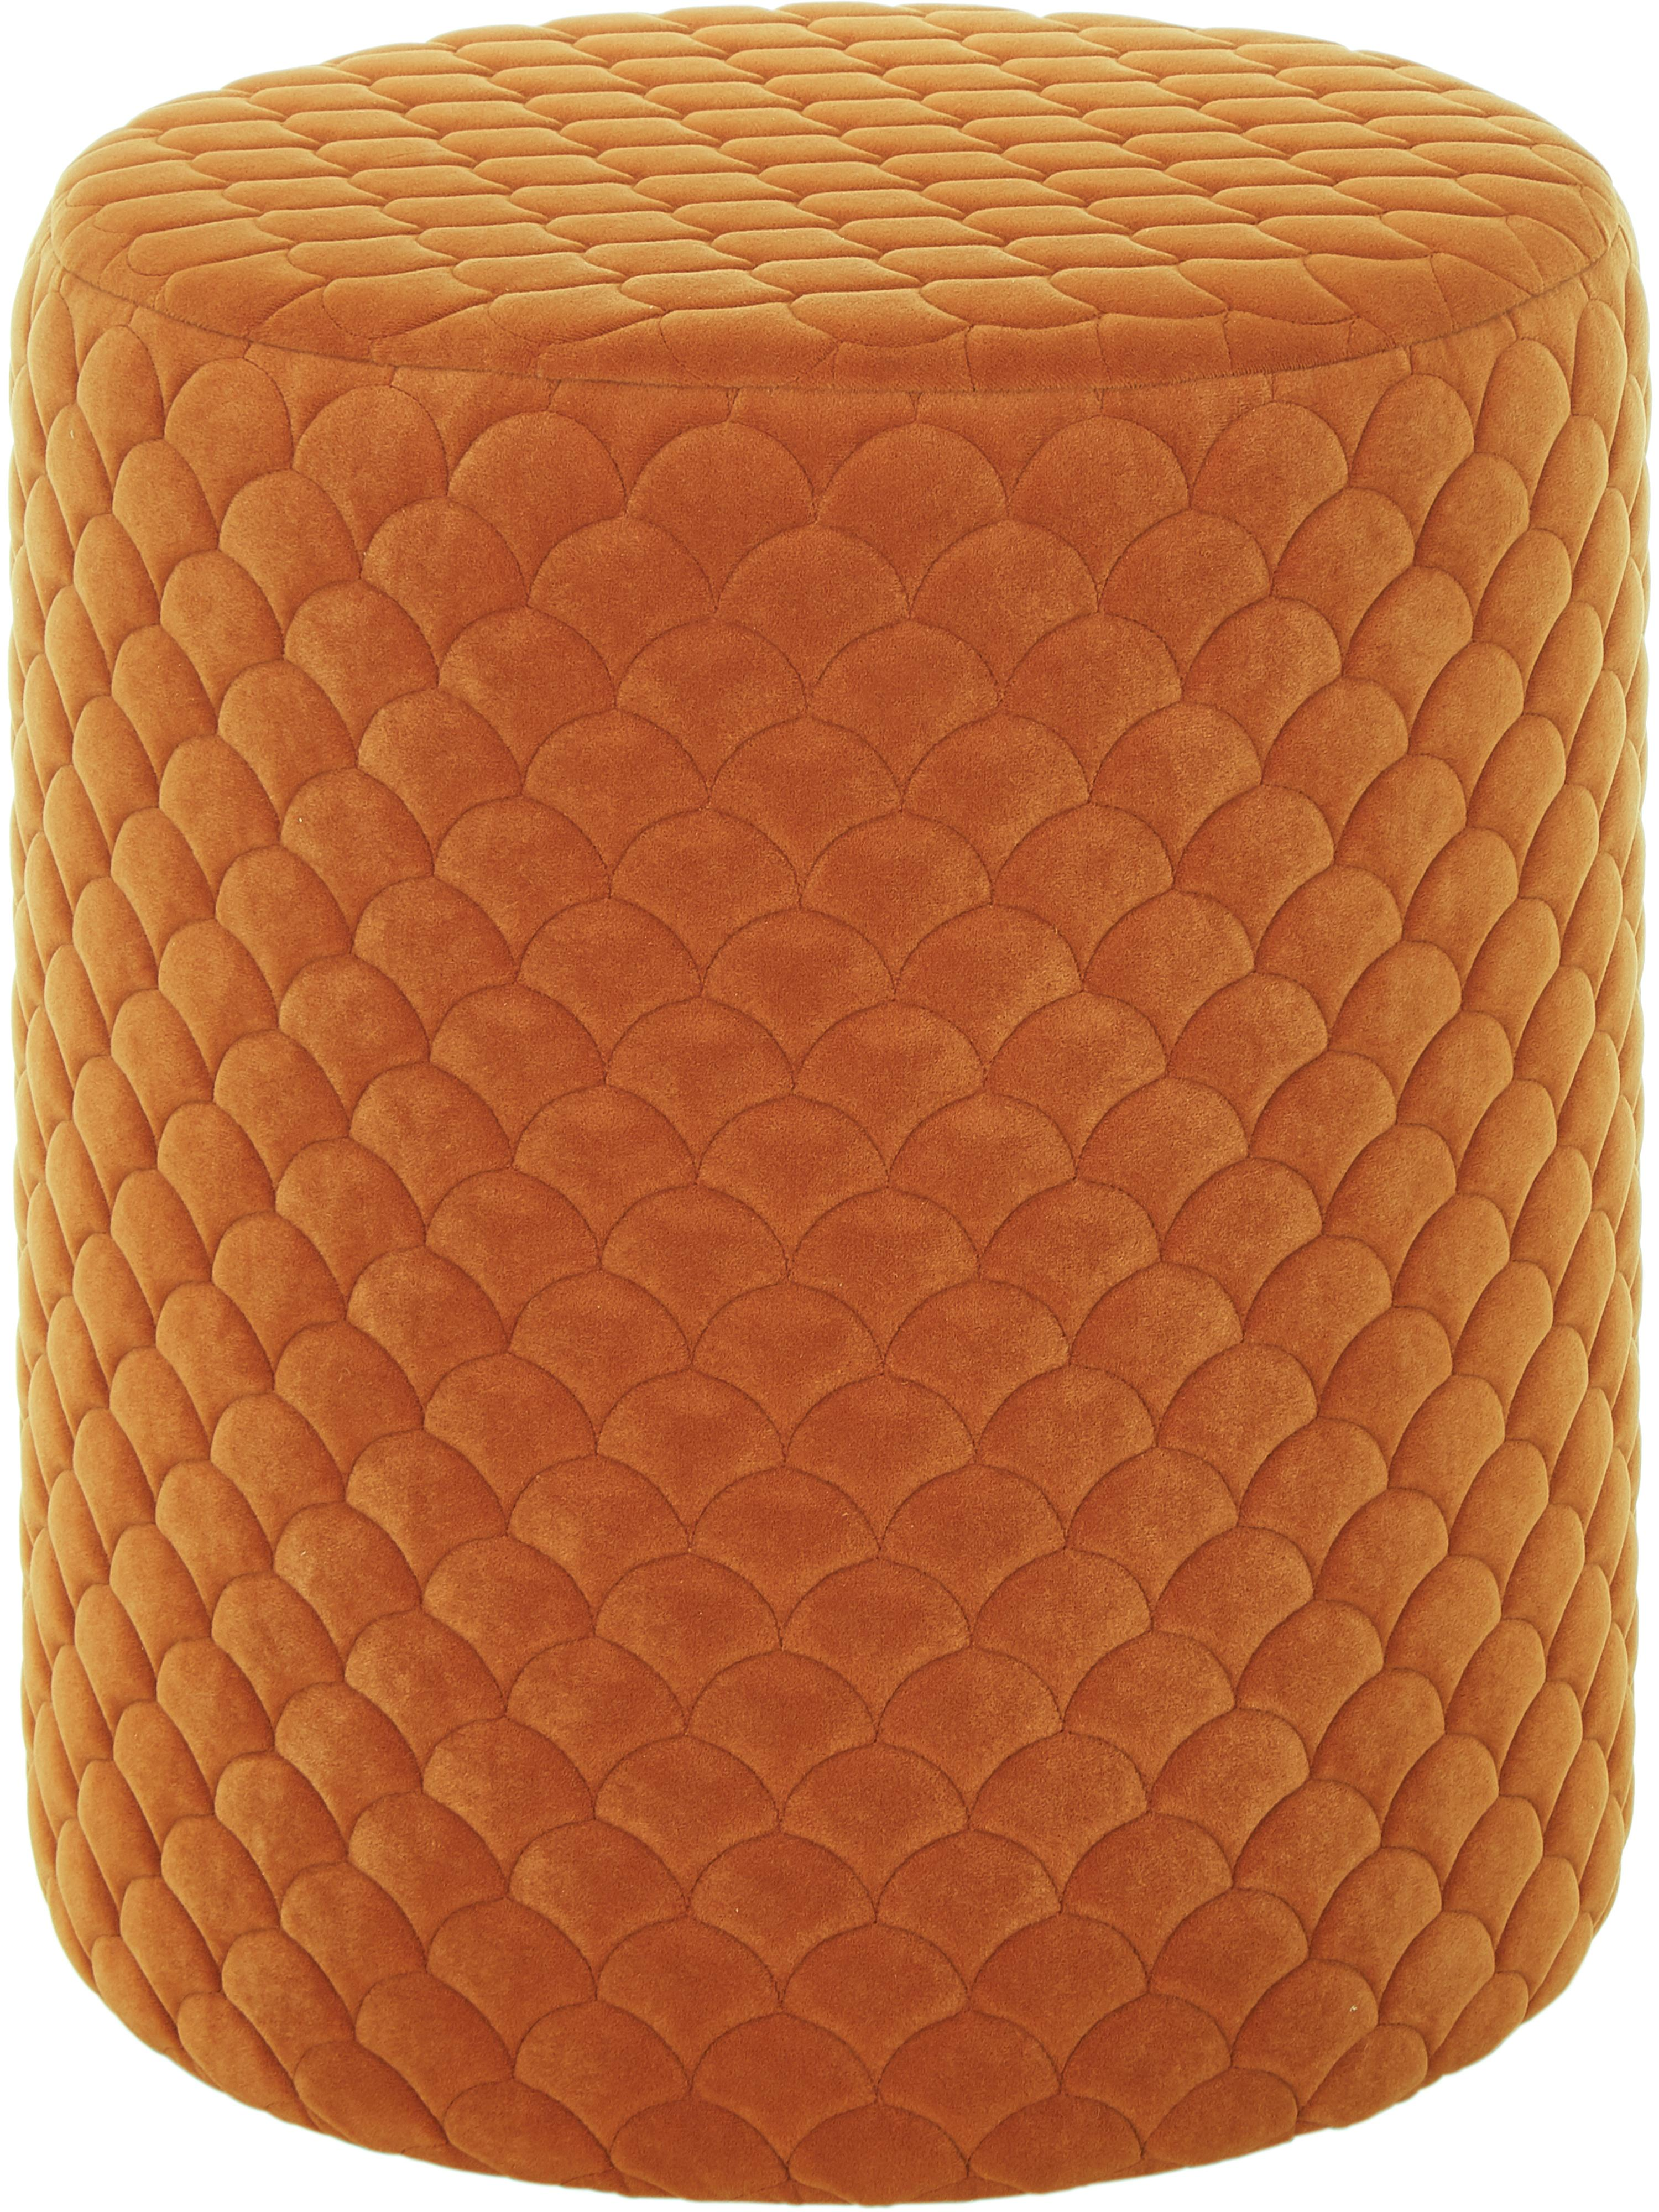 Puf z aksamitu Daisy, Tapicerka: aksamit (poliester) 8400, Aksamitny terakotowy, Ø 38 x W 45 cm